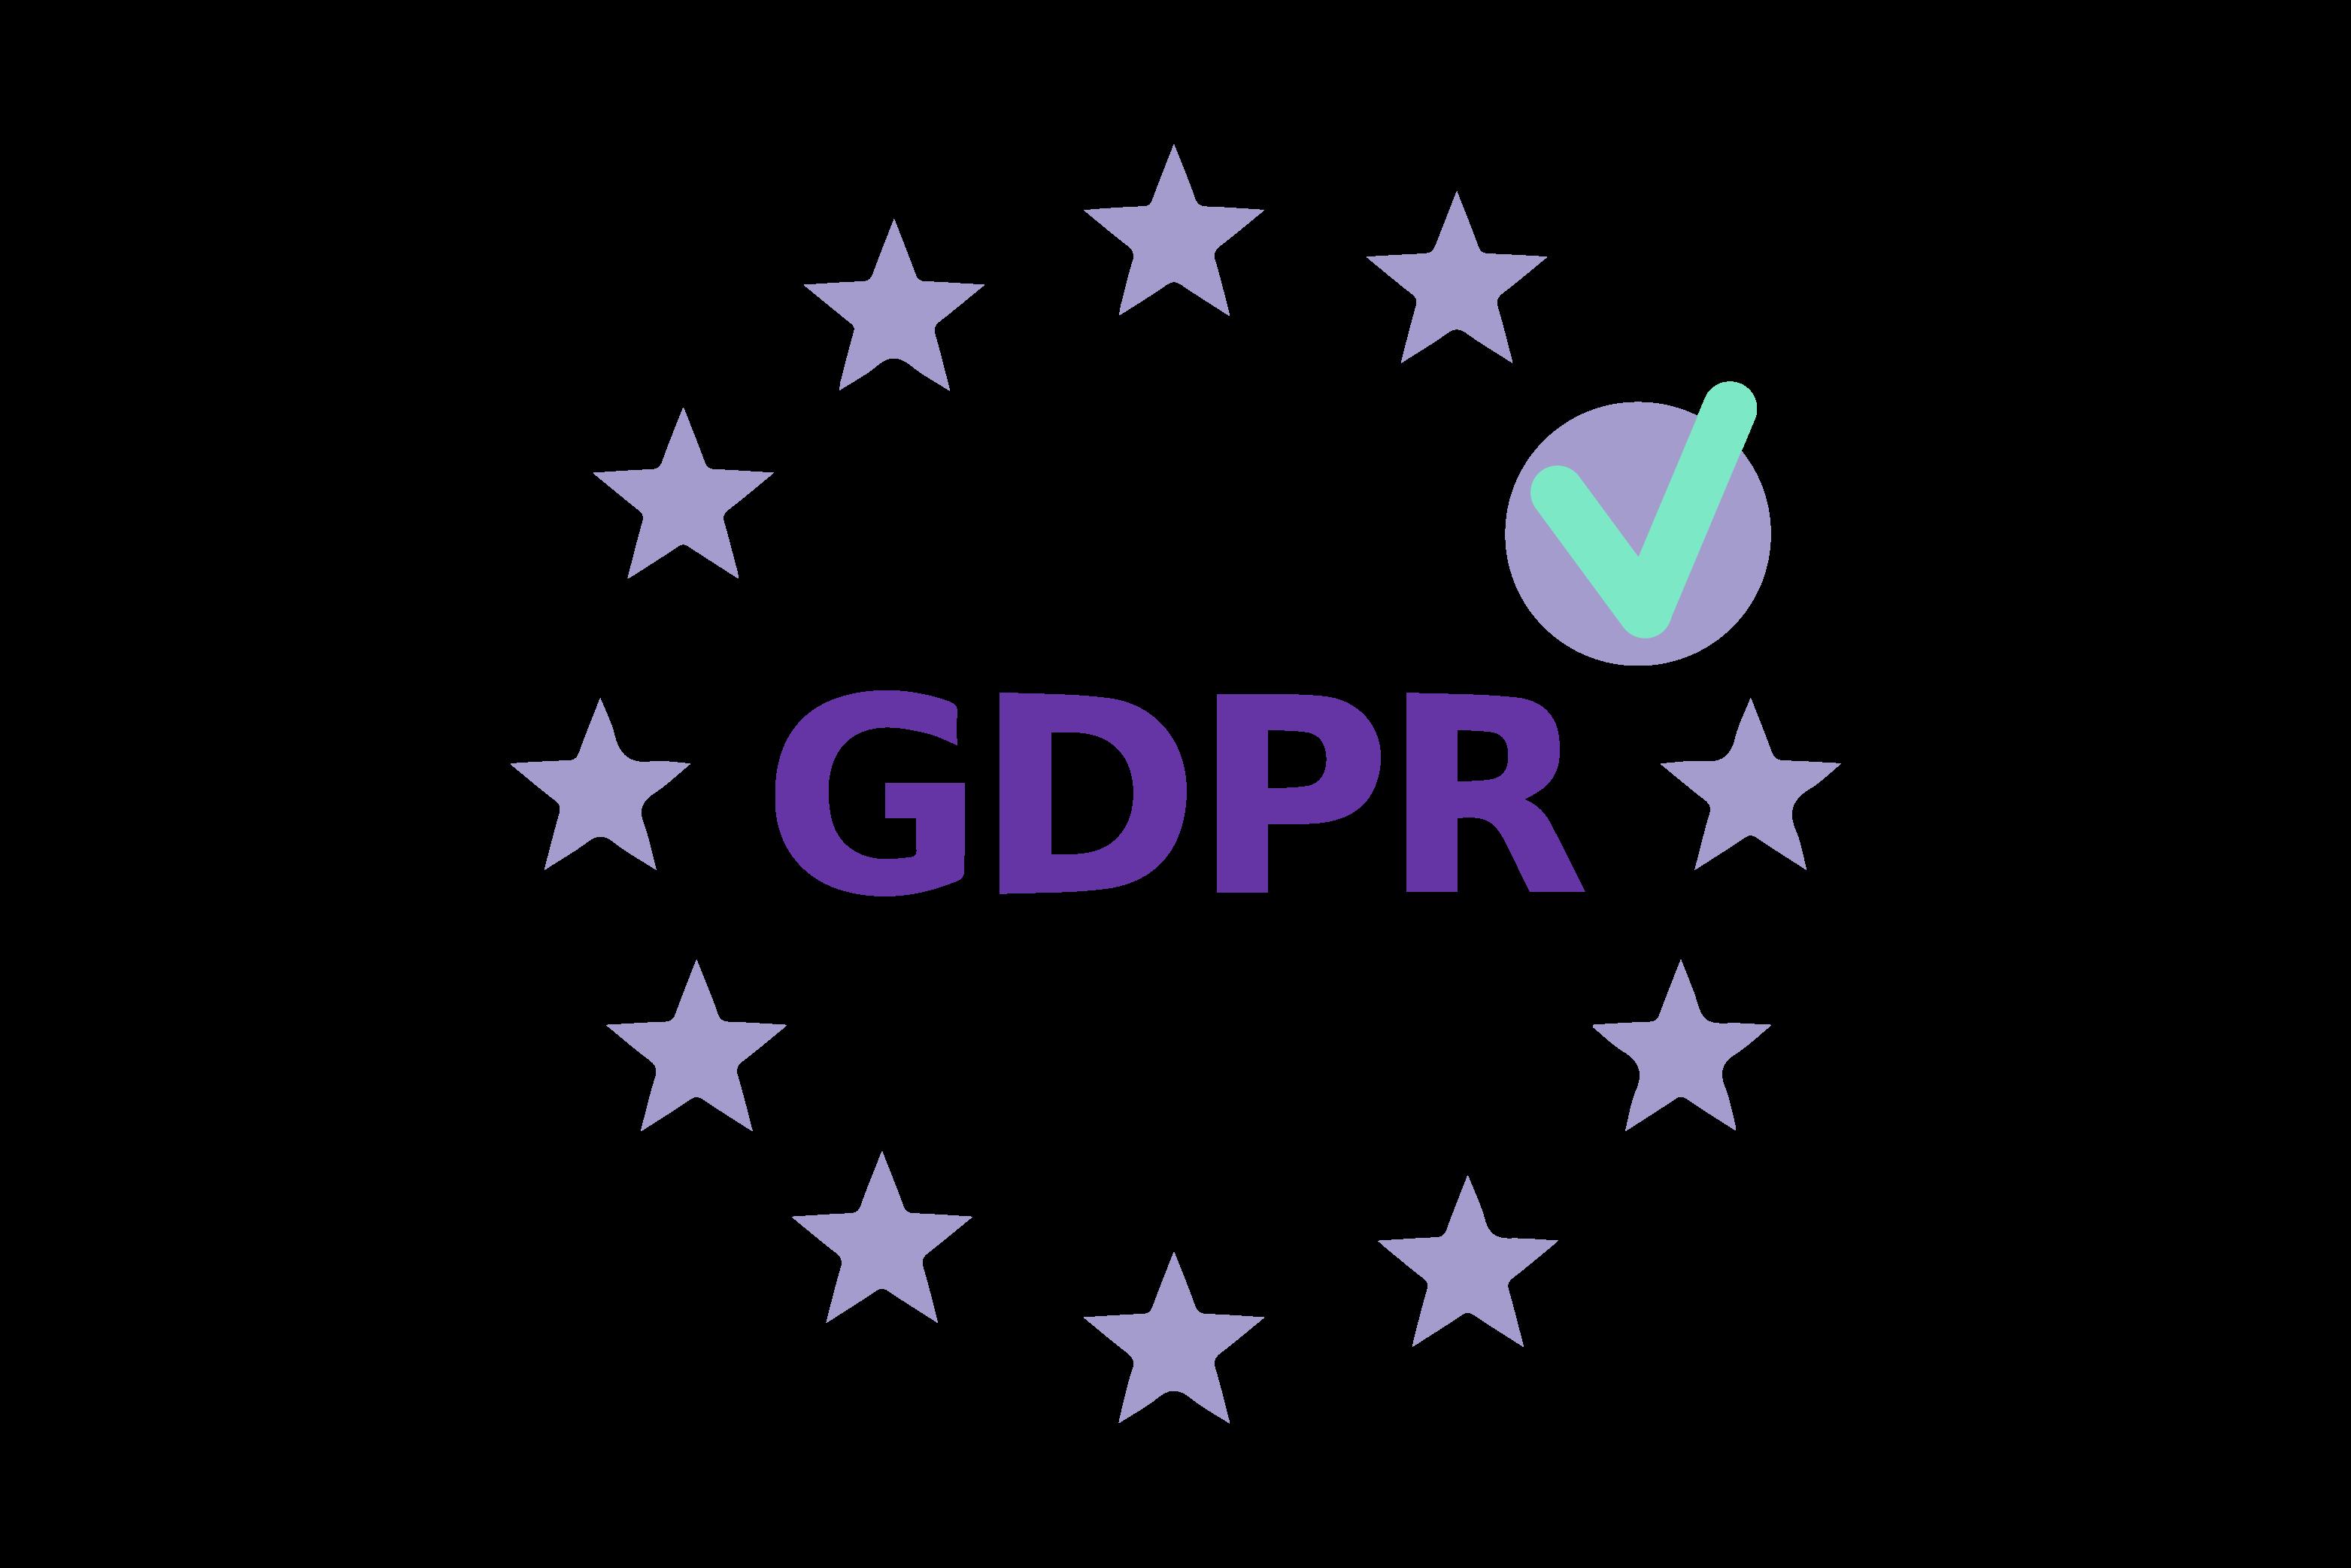 gdpr-compliance-getjenny-05